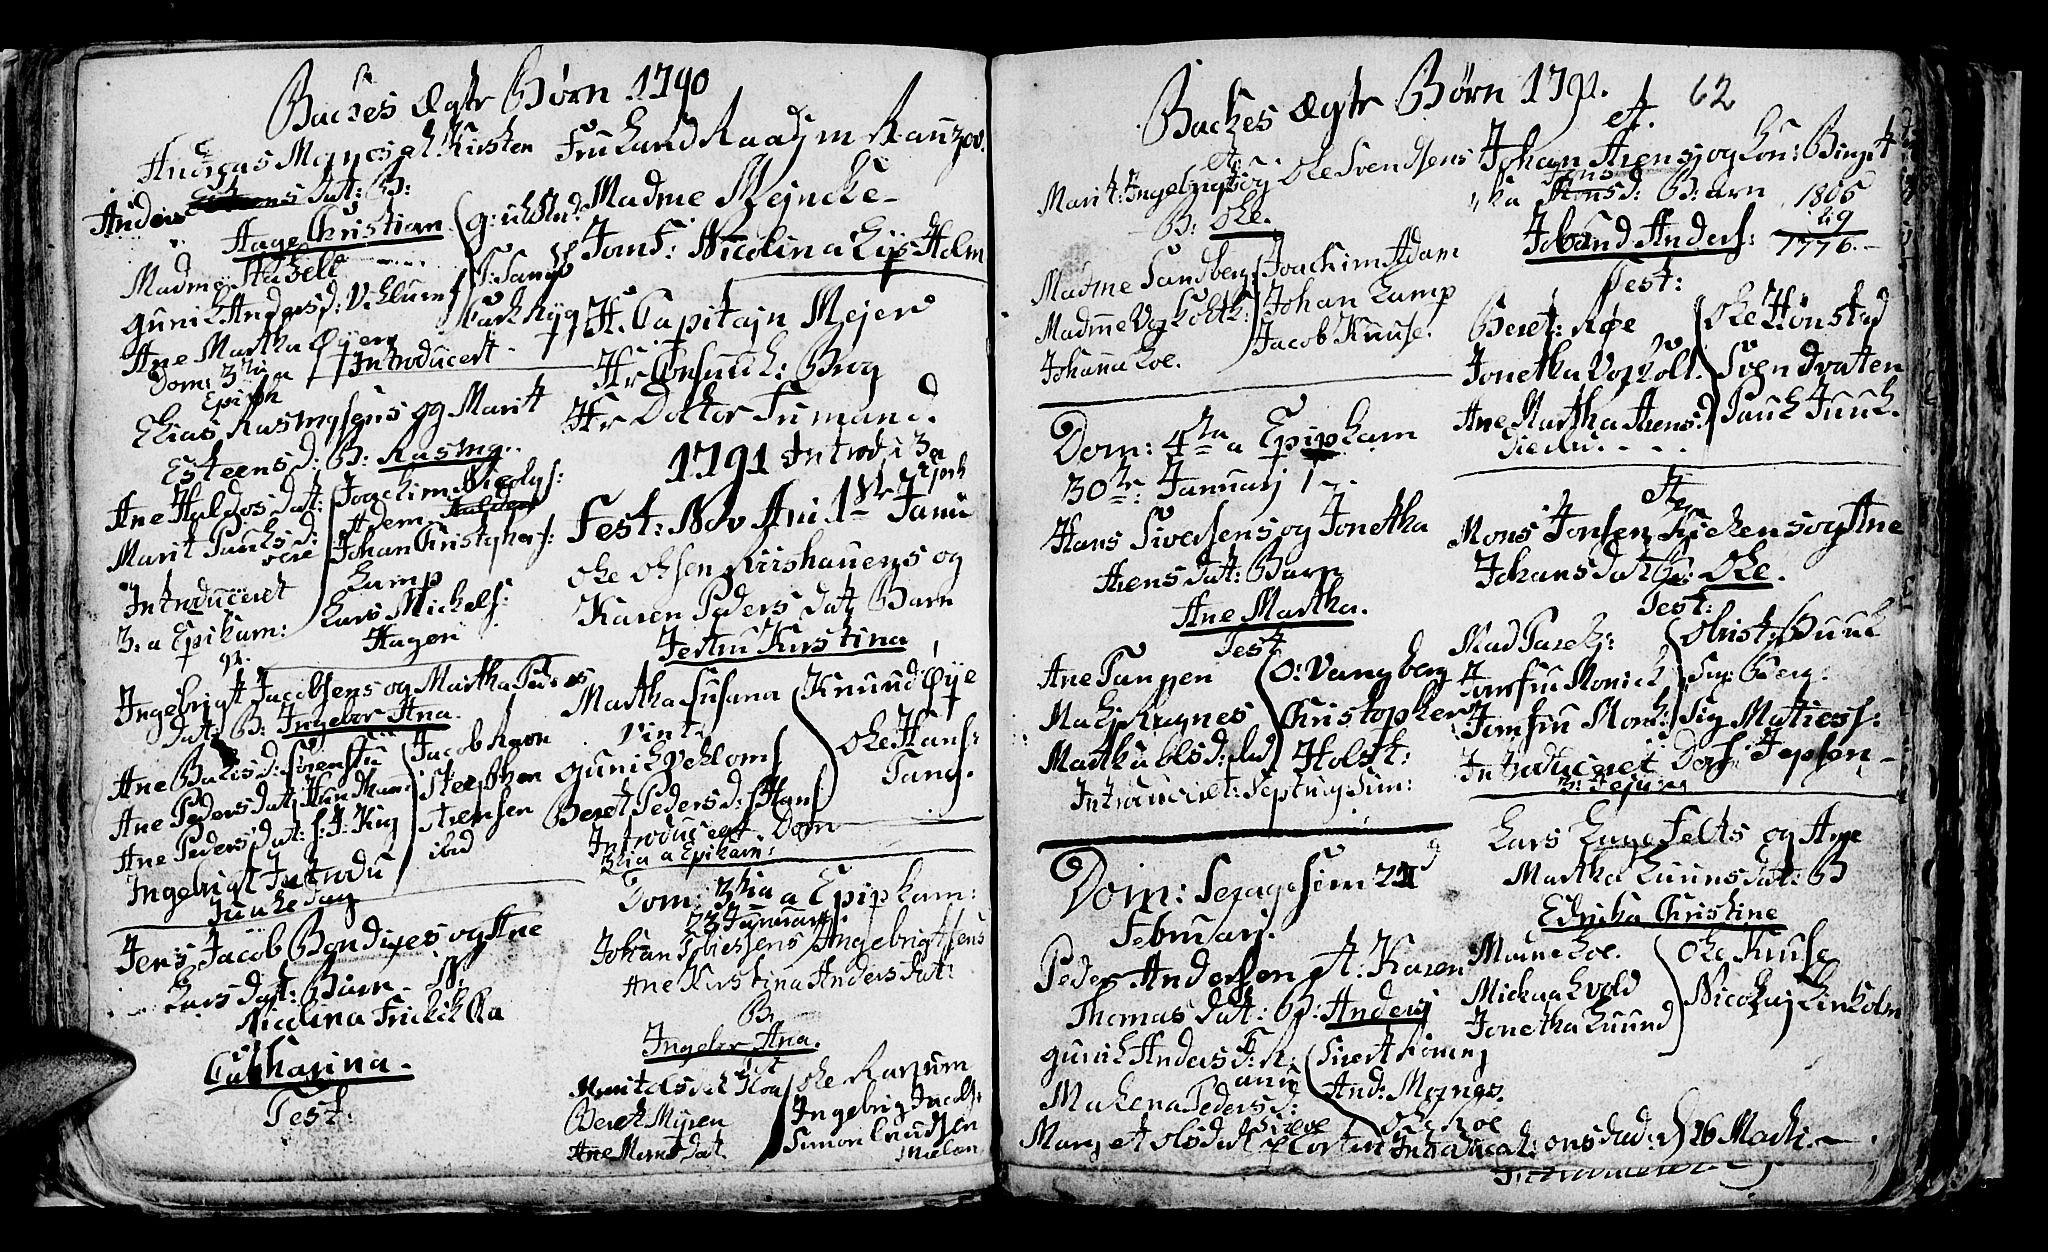 SAT, Ministerialprotokoller, klokkerbøker og fødselsregistre - Sør-Trøndelag, 604/L0218: Klokkerbok nr. 604C01, 1754-1819, s. 62